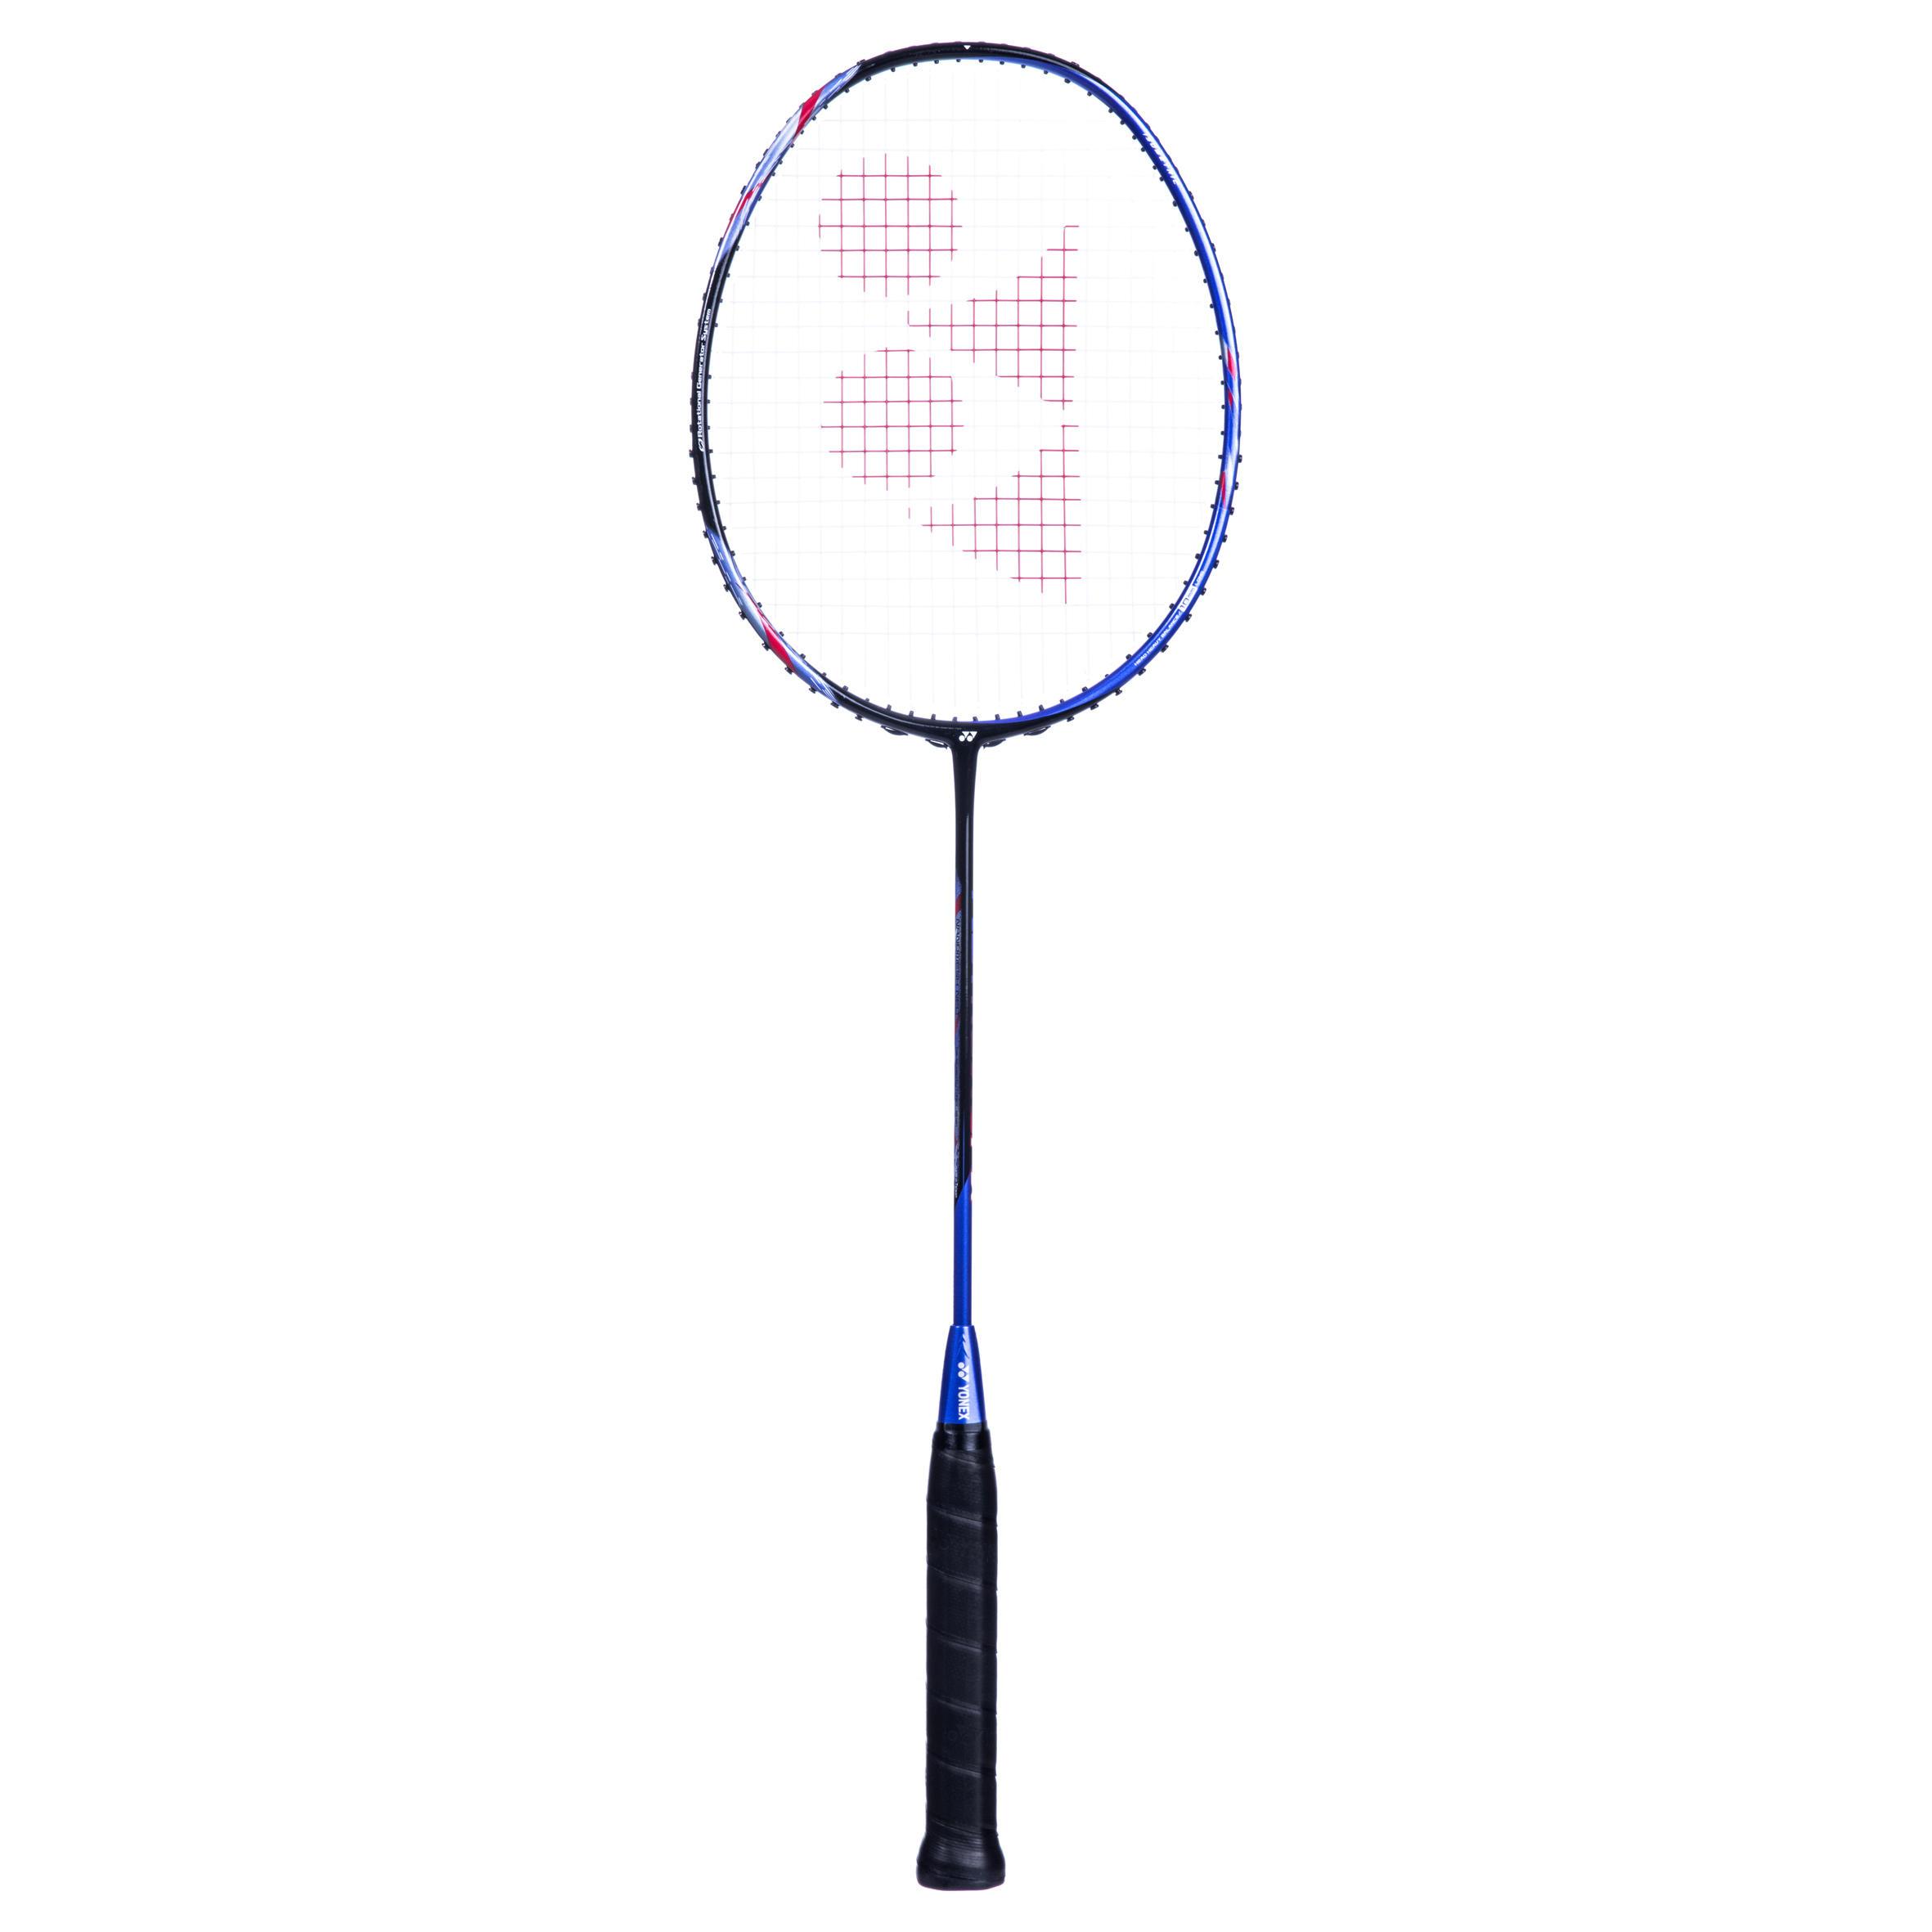 YONEX Raquette de badminton Adulte YONEX ASTROX 5 FX - YONEX - SANS TAILLE